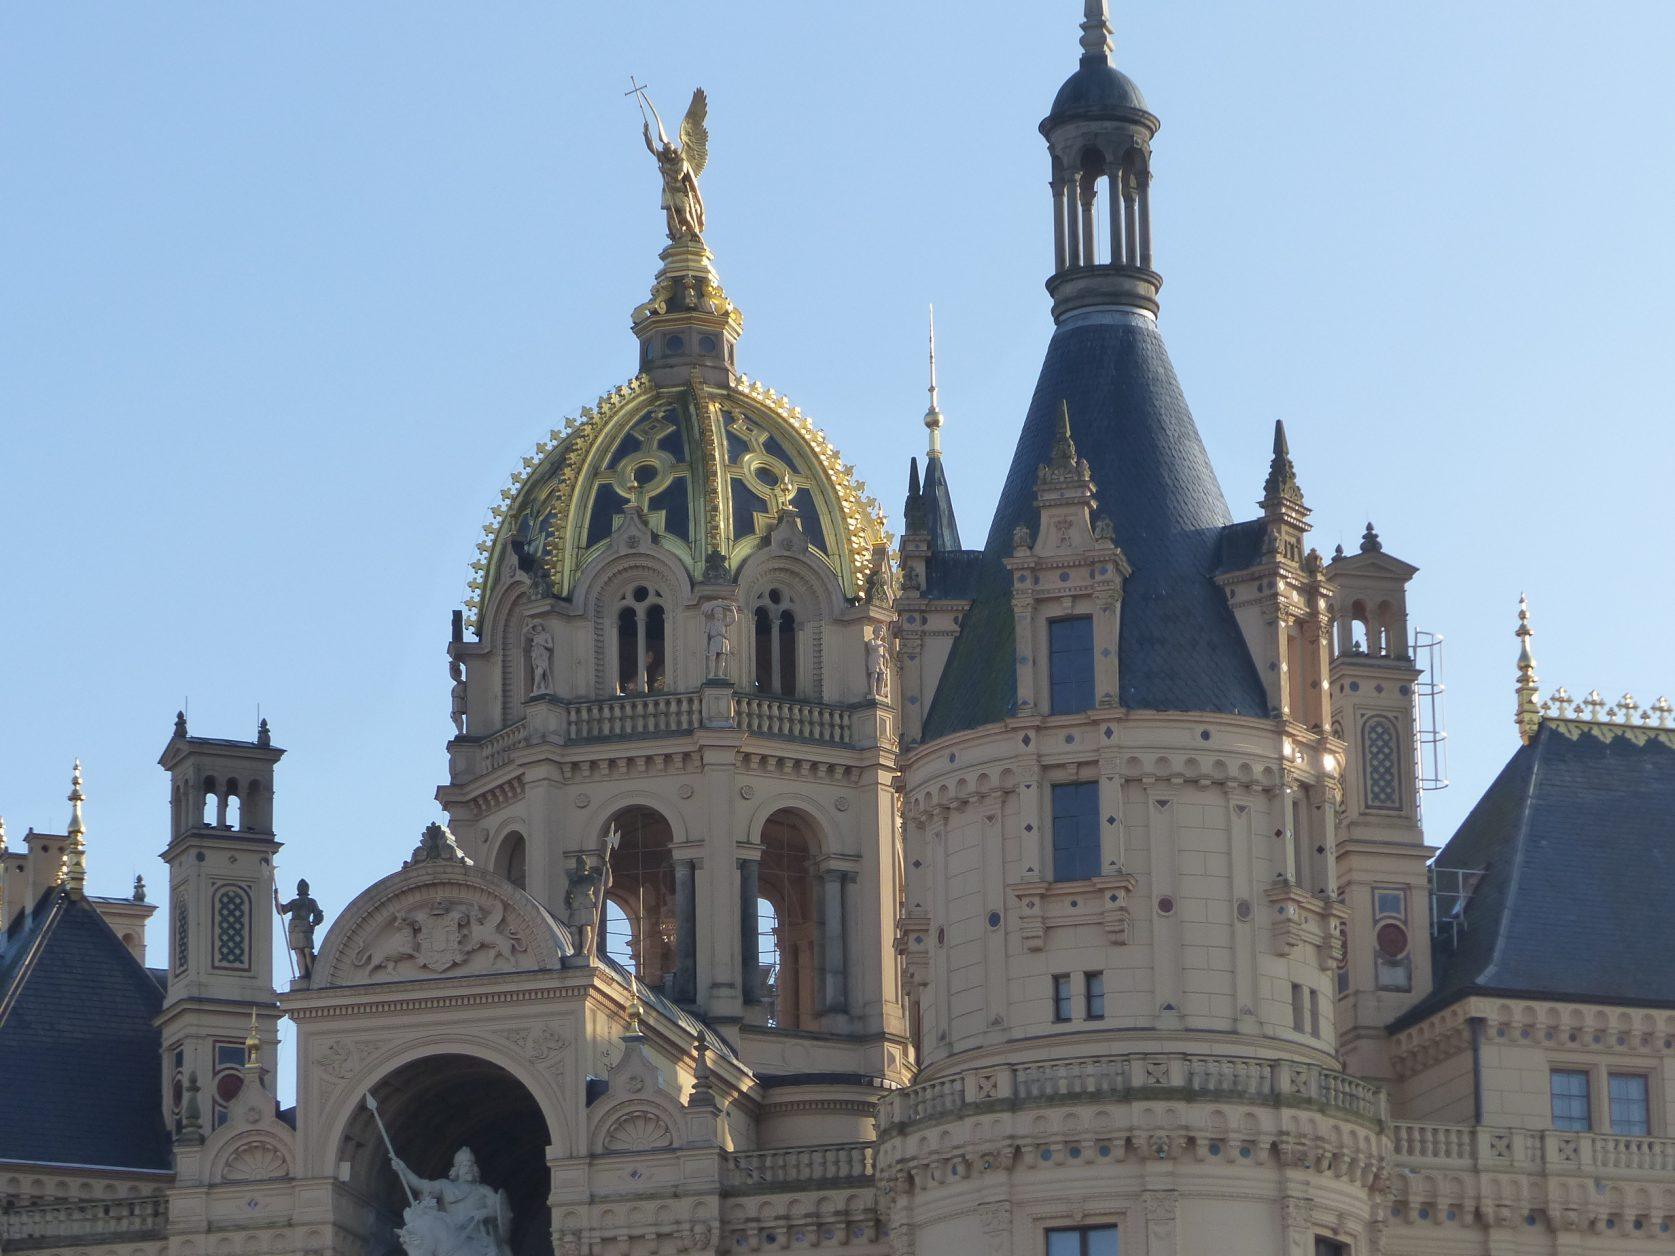 Uunzählige Türme und Türmchen, gekrönt von goldenen Kuppeln und funkelnden Zinnen, machen das Schweriner Schloss zu einem regelrechten Märchenschloss. Foto: Weirauch